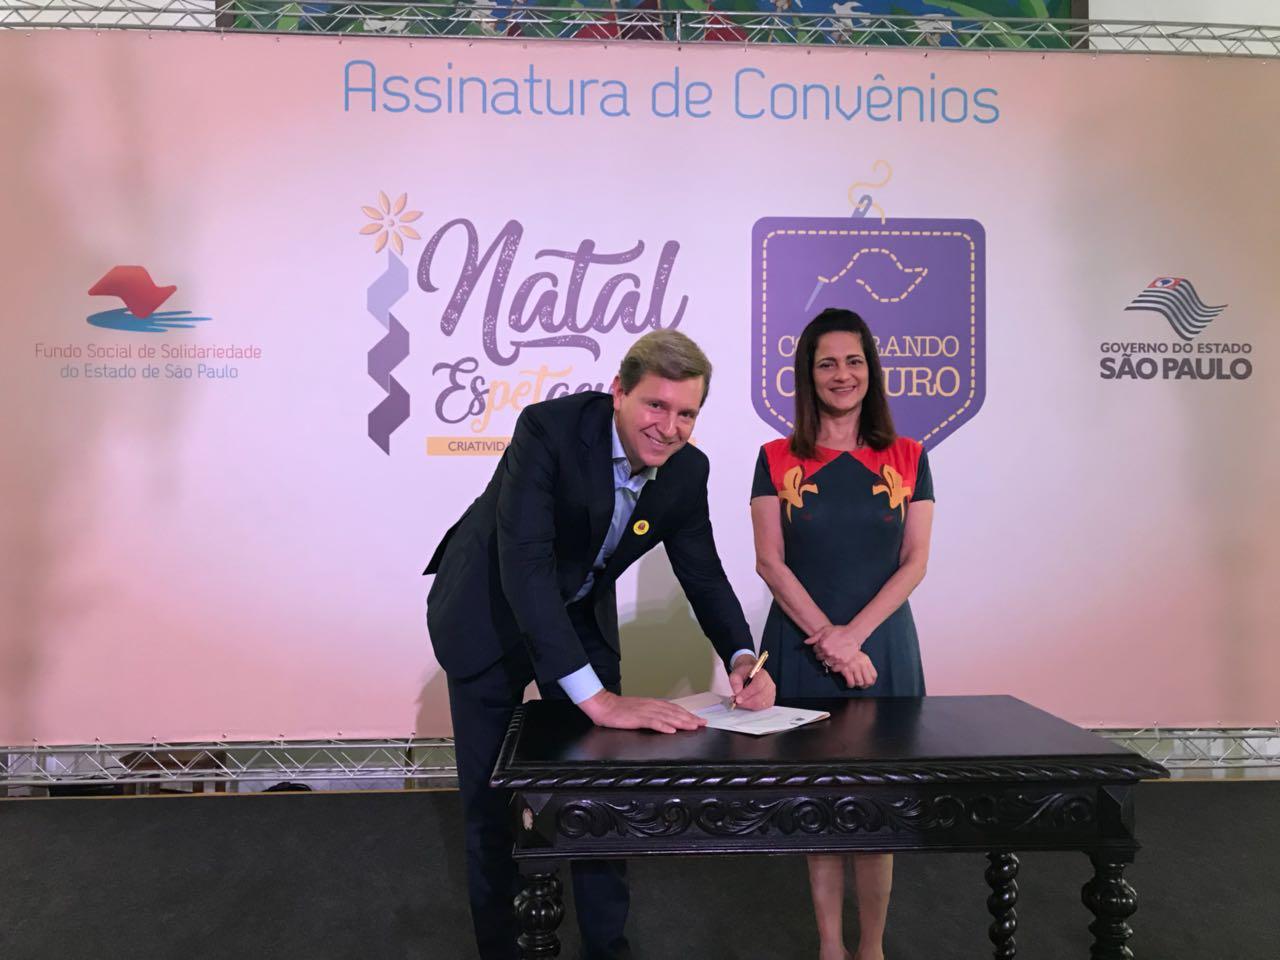 Prefeito de Itararé (SP) assina convênio 'Natal Espetacular' junto a primeira-dama do Estado